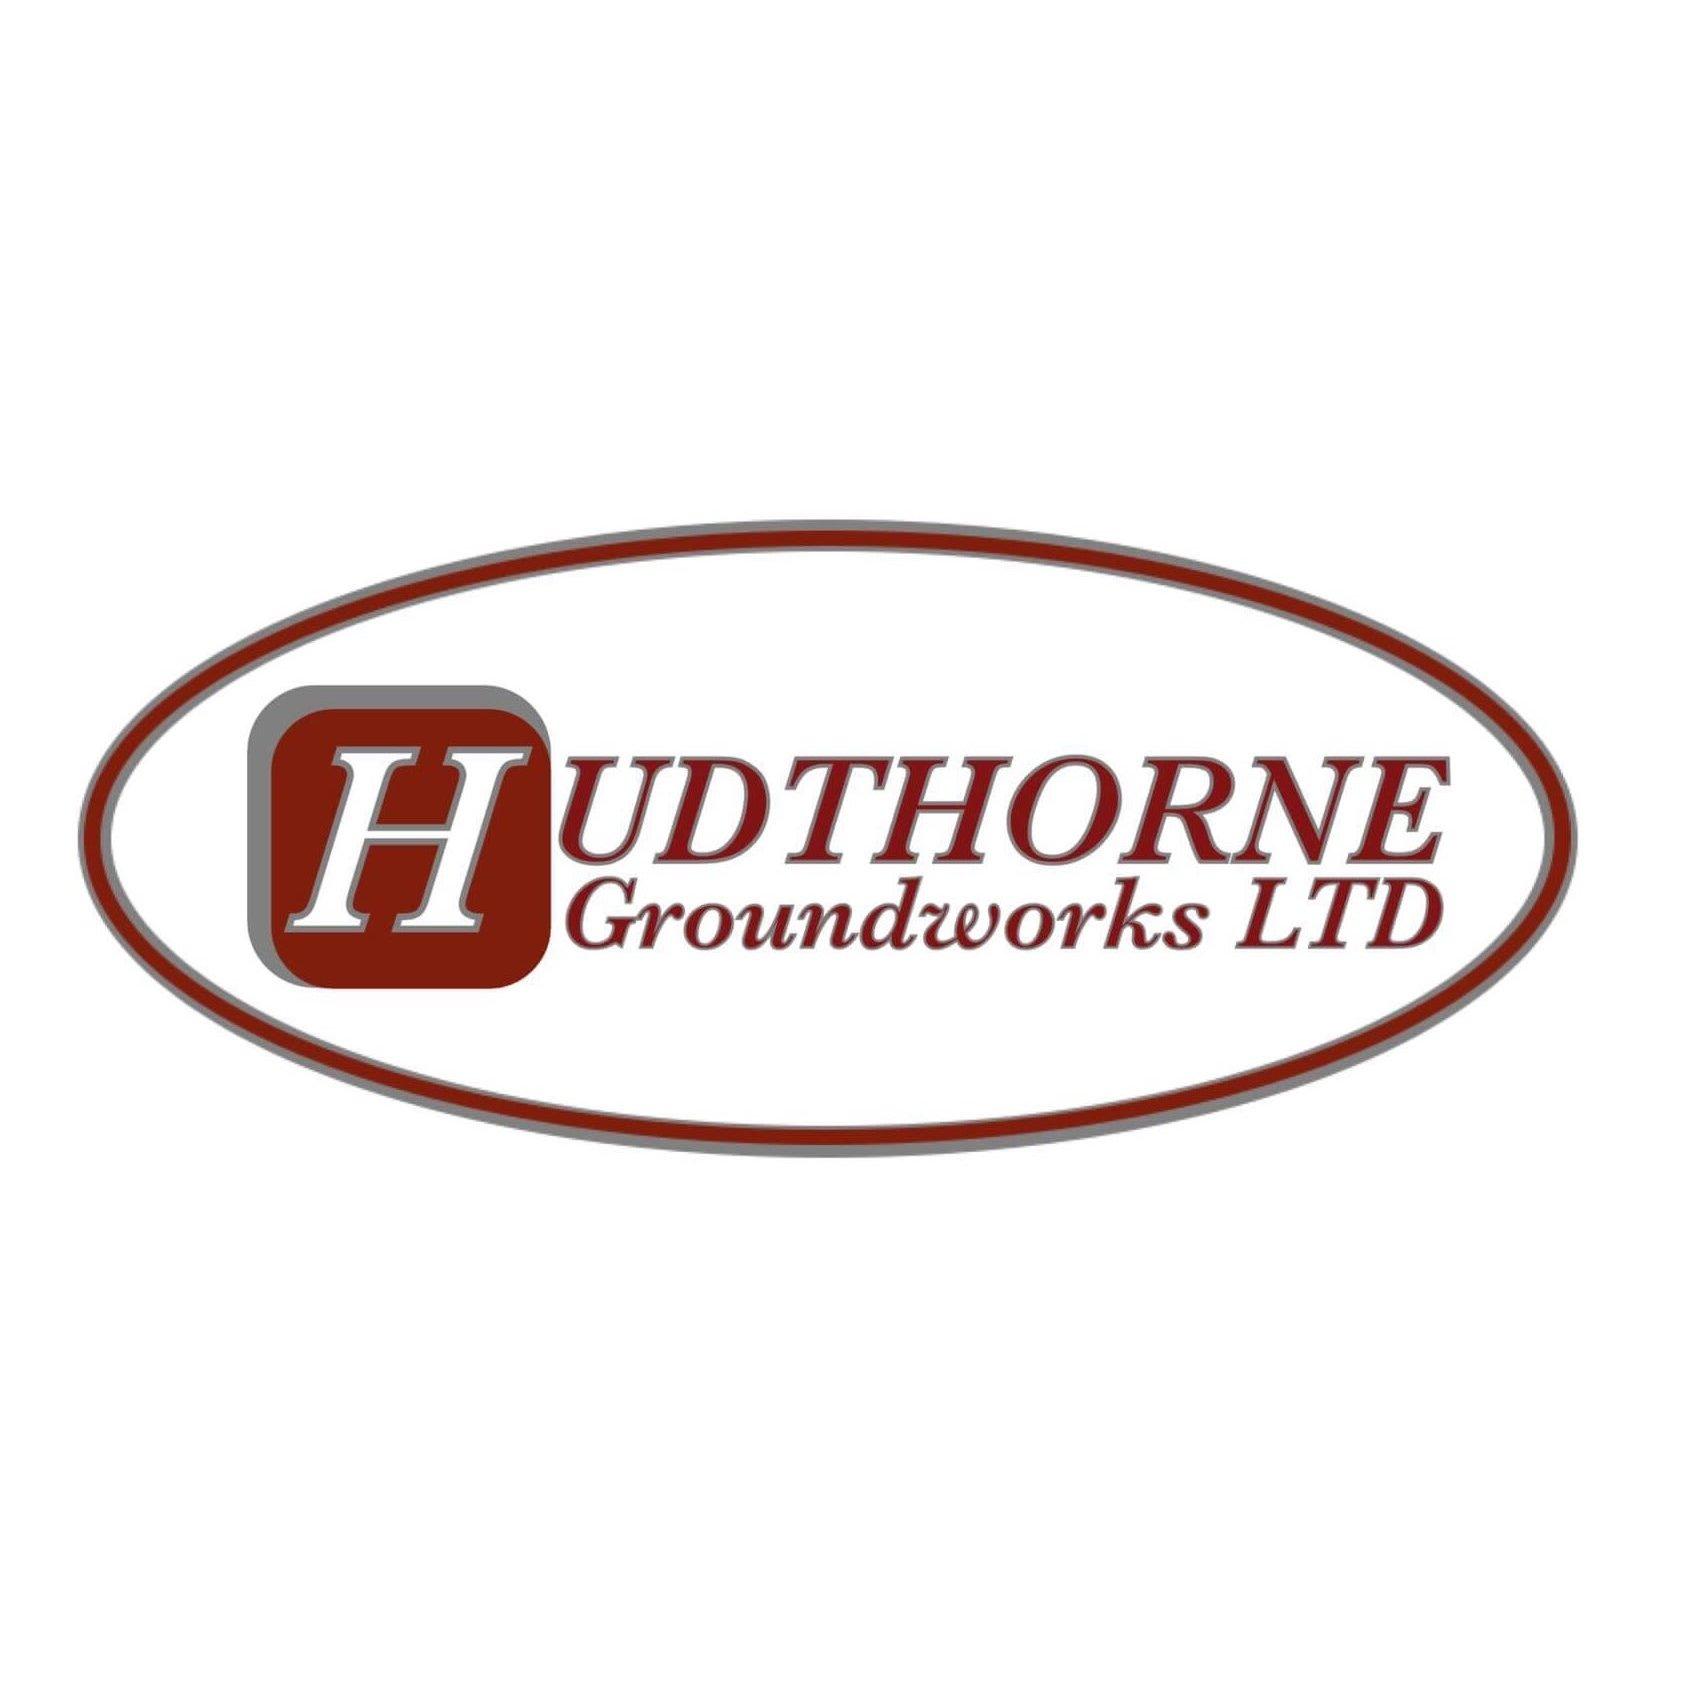 Hudthorne Ltd - Watford, Hertfordshire WD25 0HF - 07982 919679 | ShowMeLocal.com